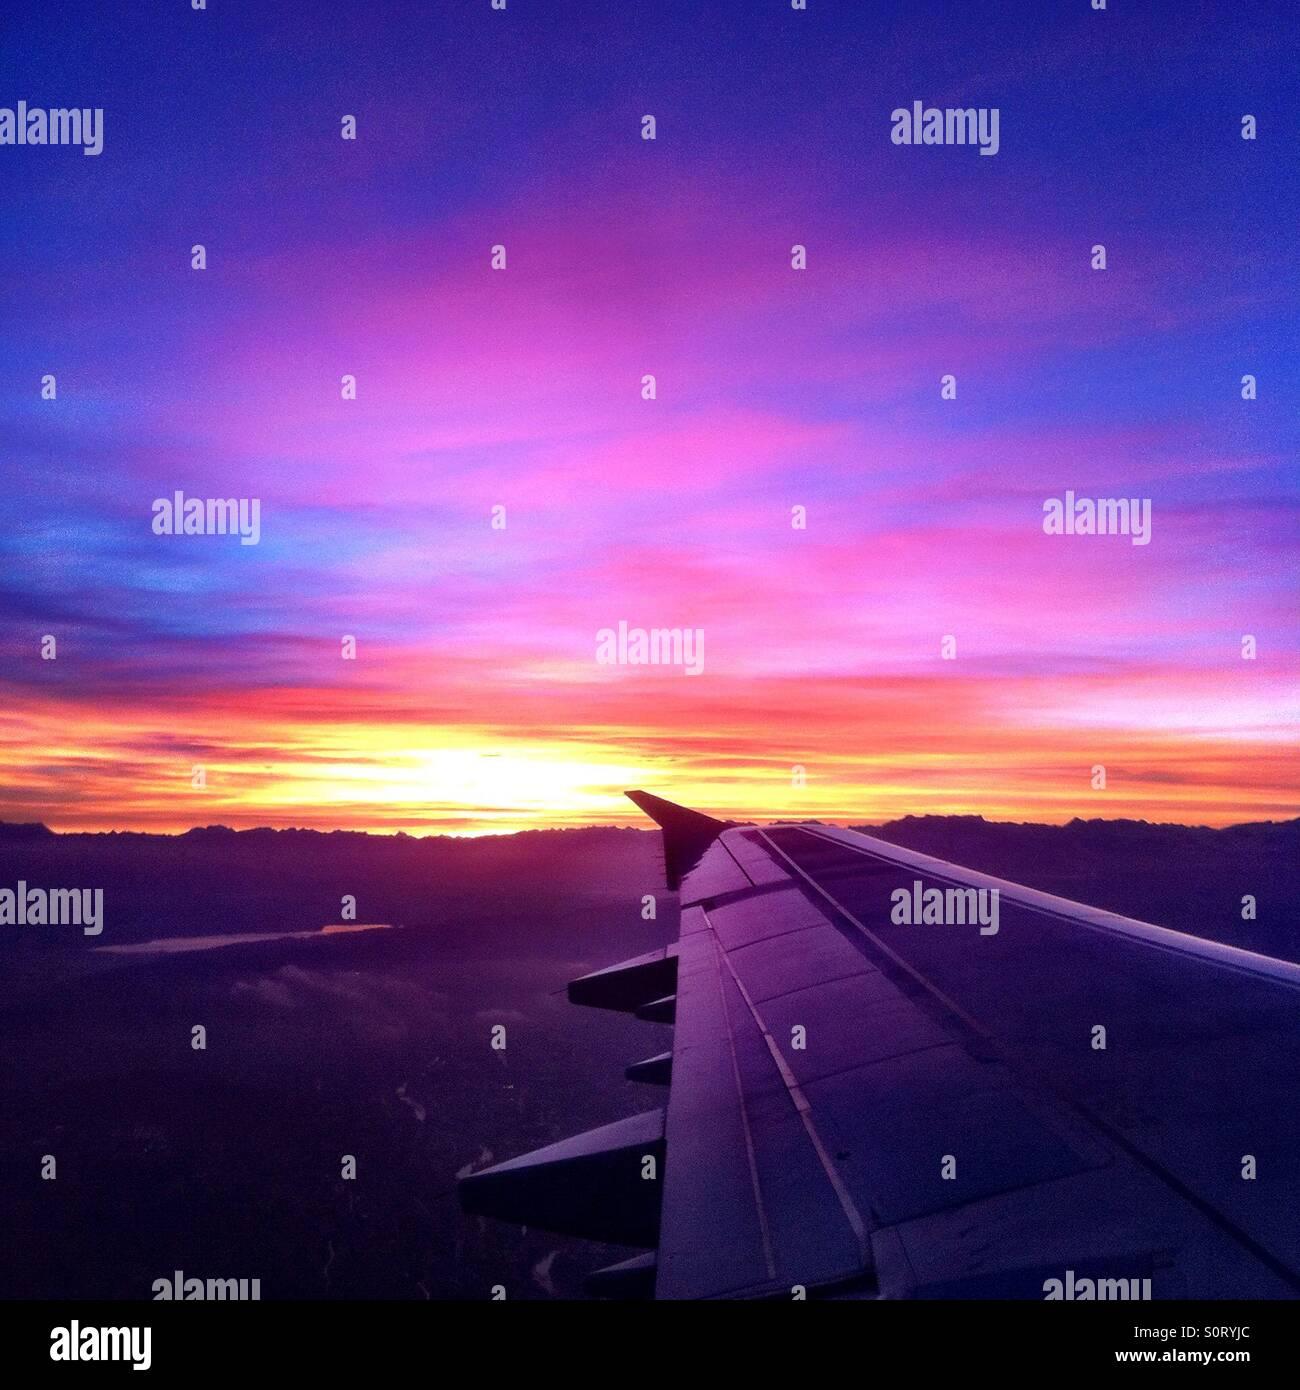 Wunderschönen Sonnenaufgang am abheben aus Zürich, Schweiz, Flügel und Berge zeigen. Stockbild